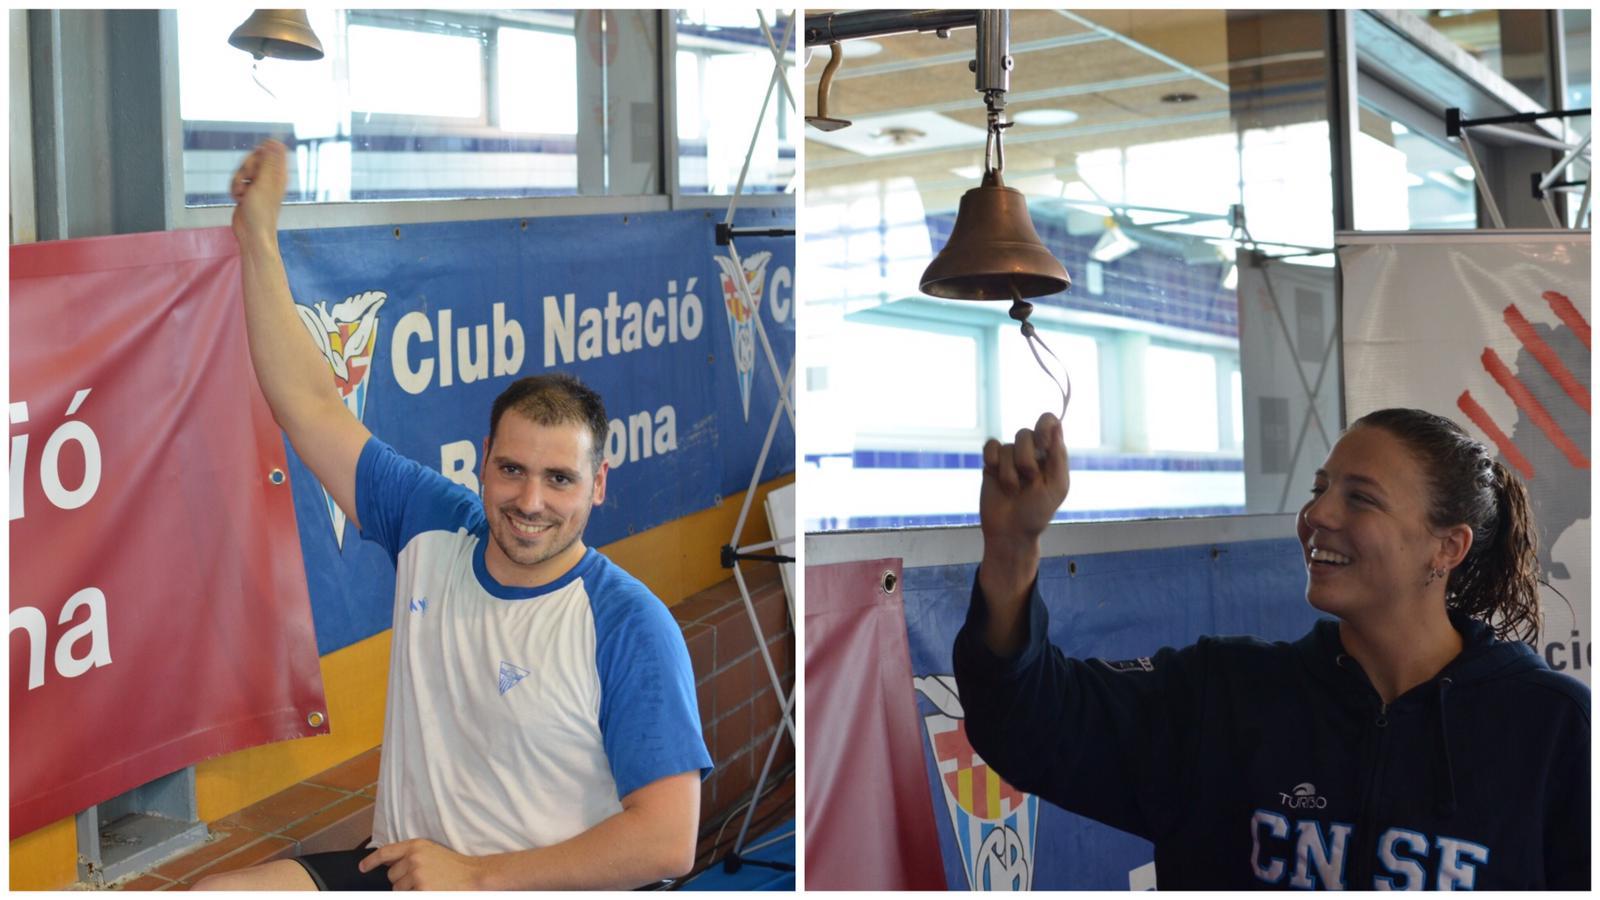 Foto: FECPC Record Mon natacio adaptada